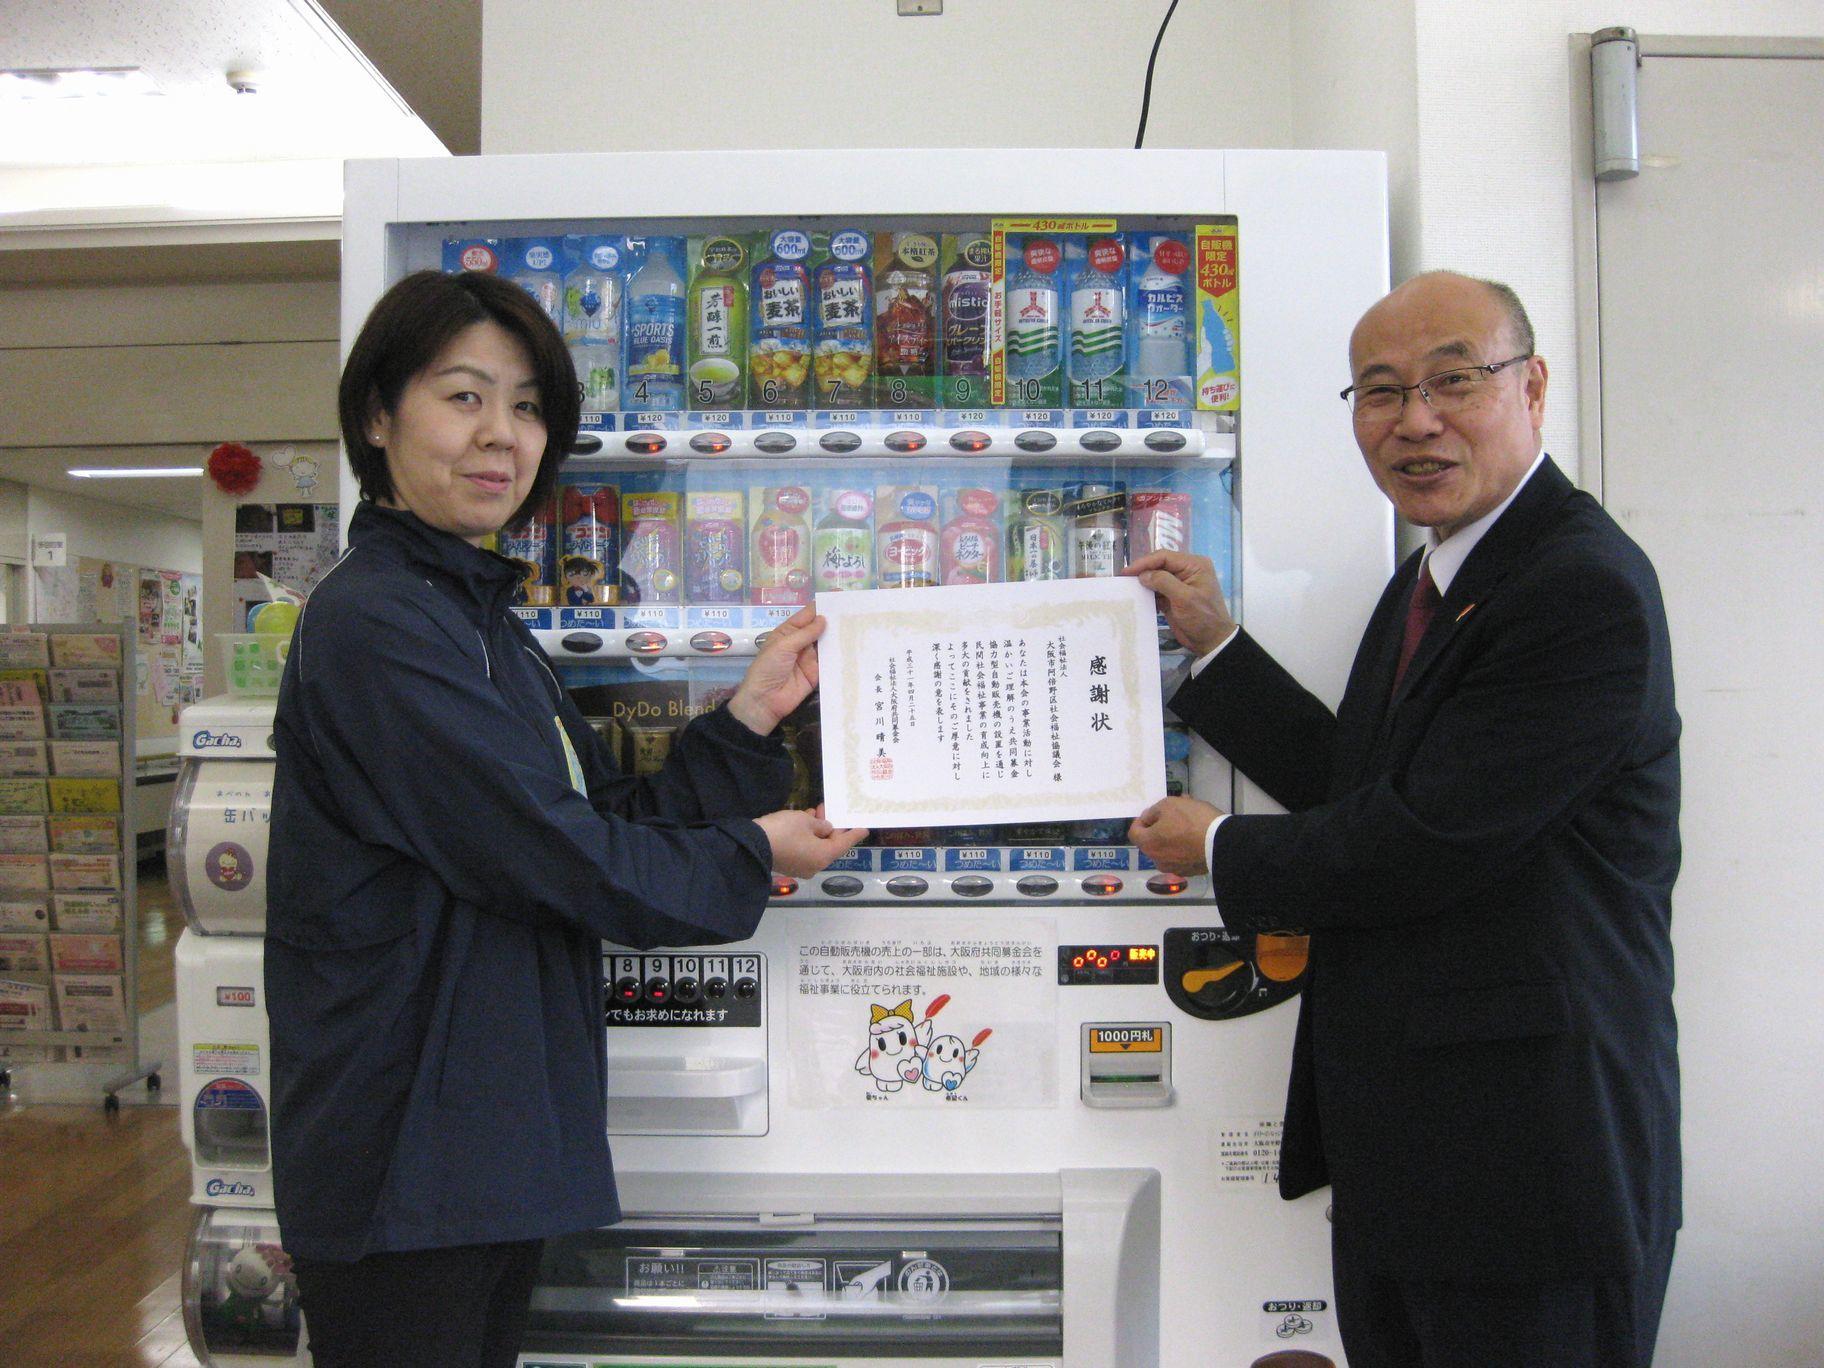 大阪市阿倍野区社会福祉協議会に共同募金協力型自販機が設置されました。